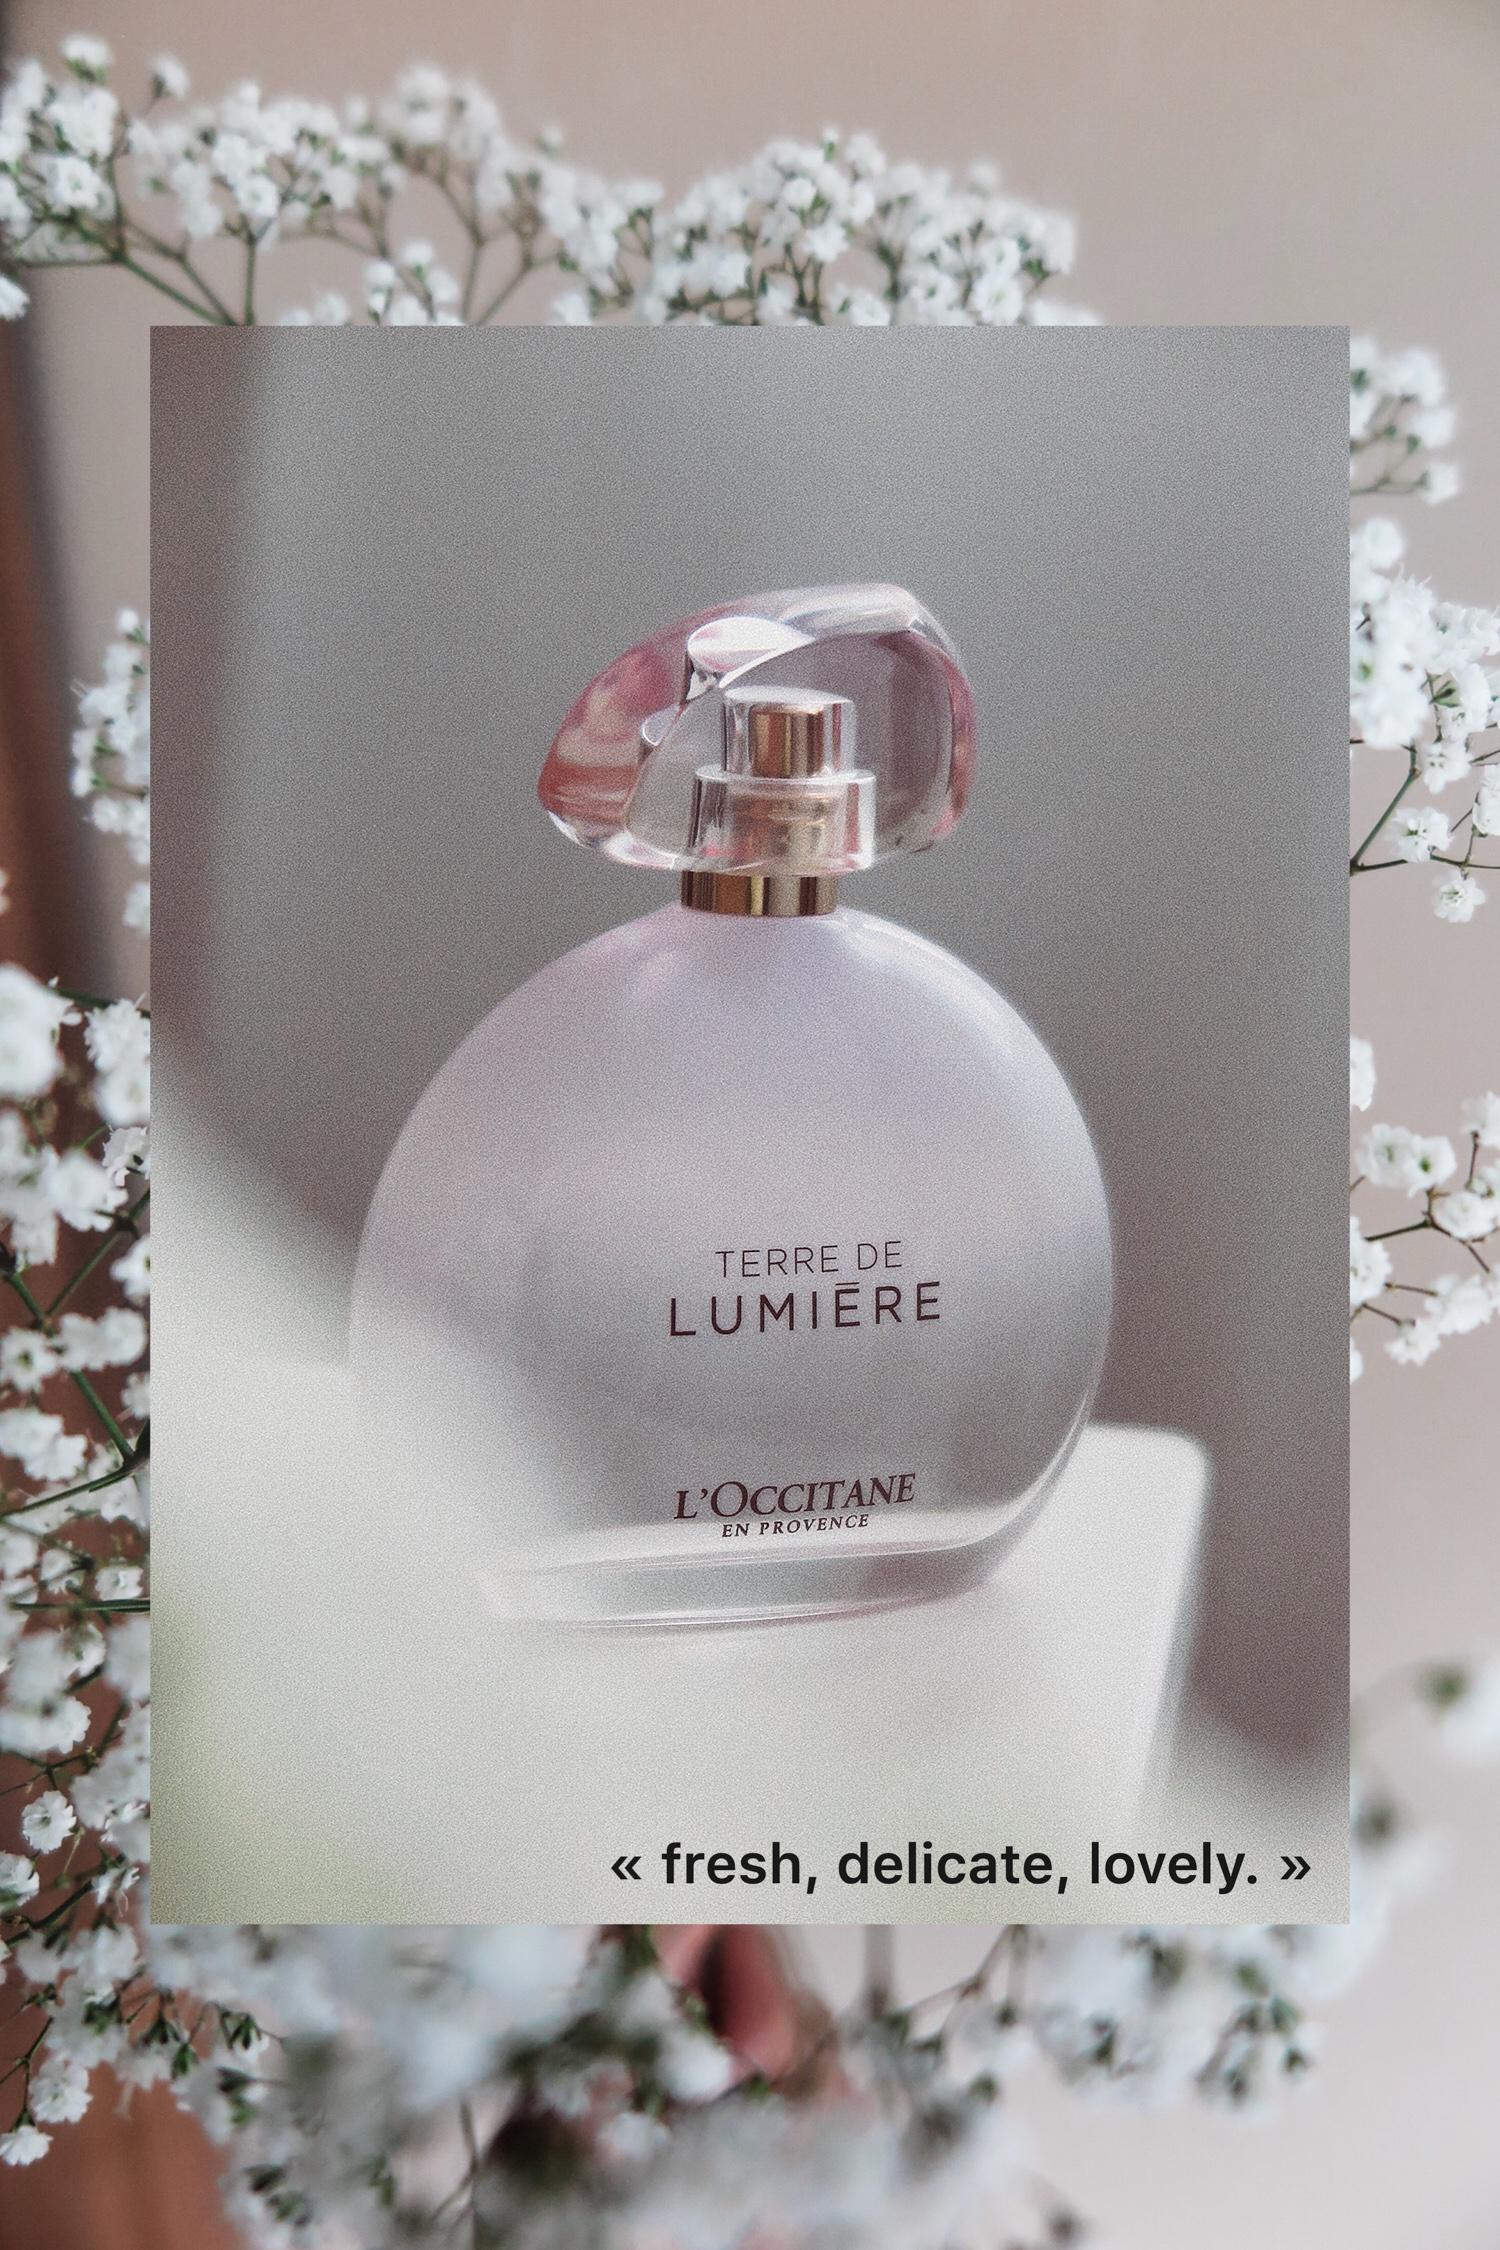 L'OCCITANE_TERRE DE LUMIERE_L'EAU